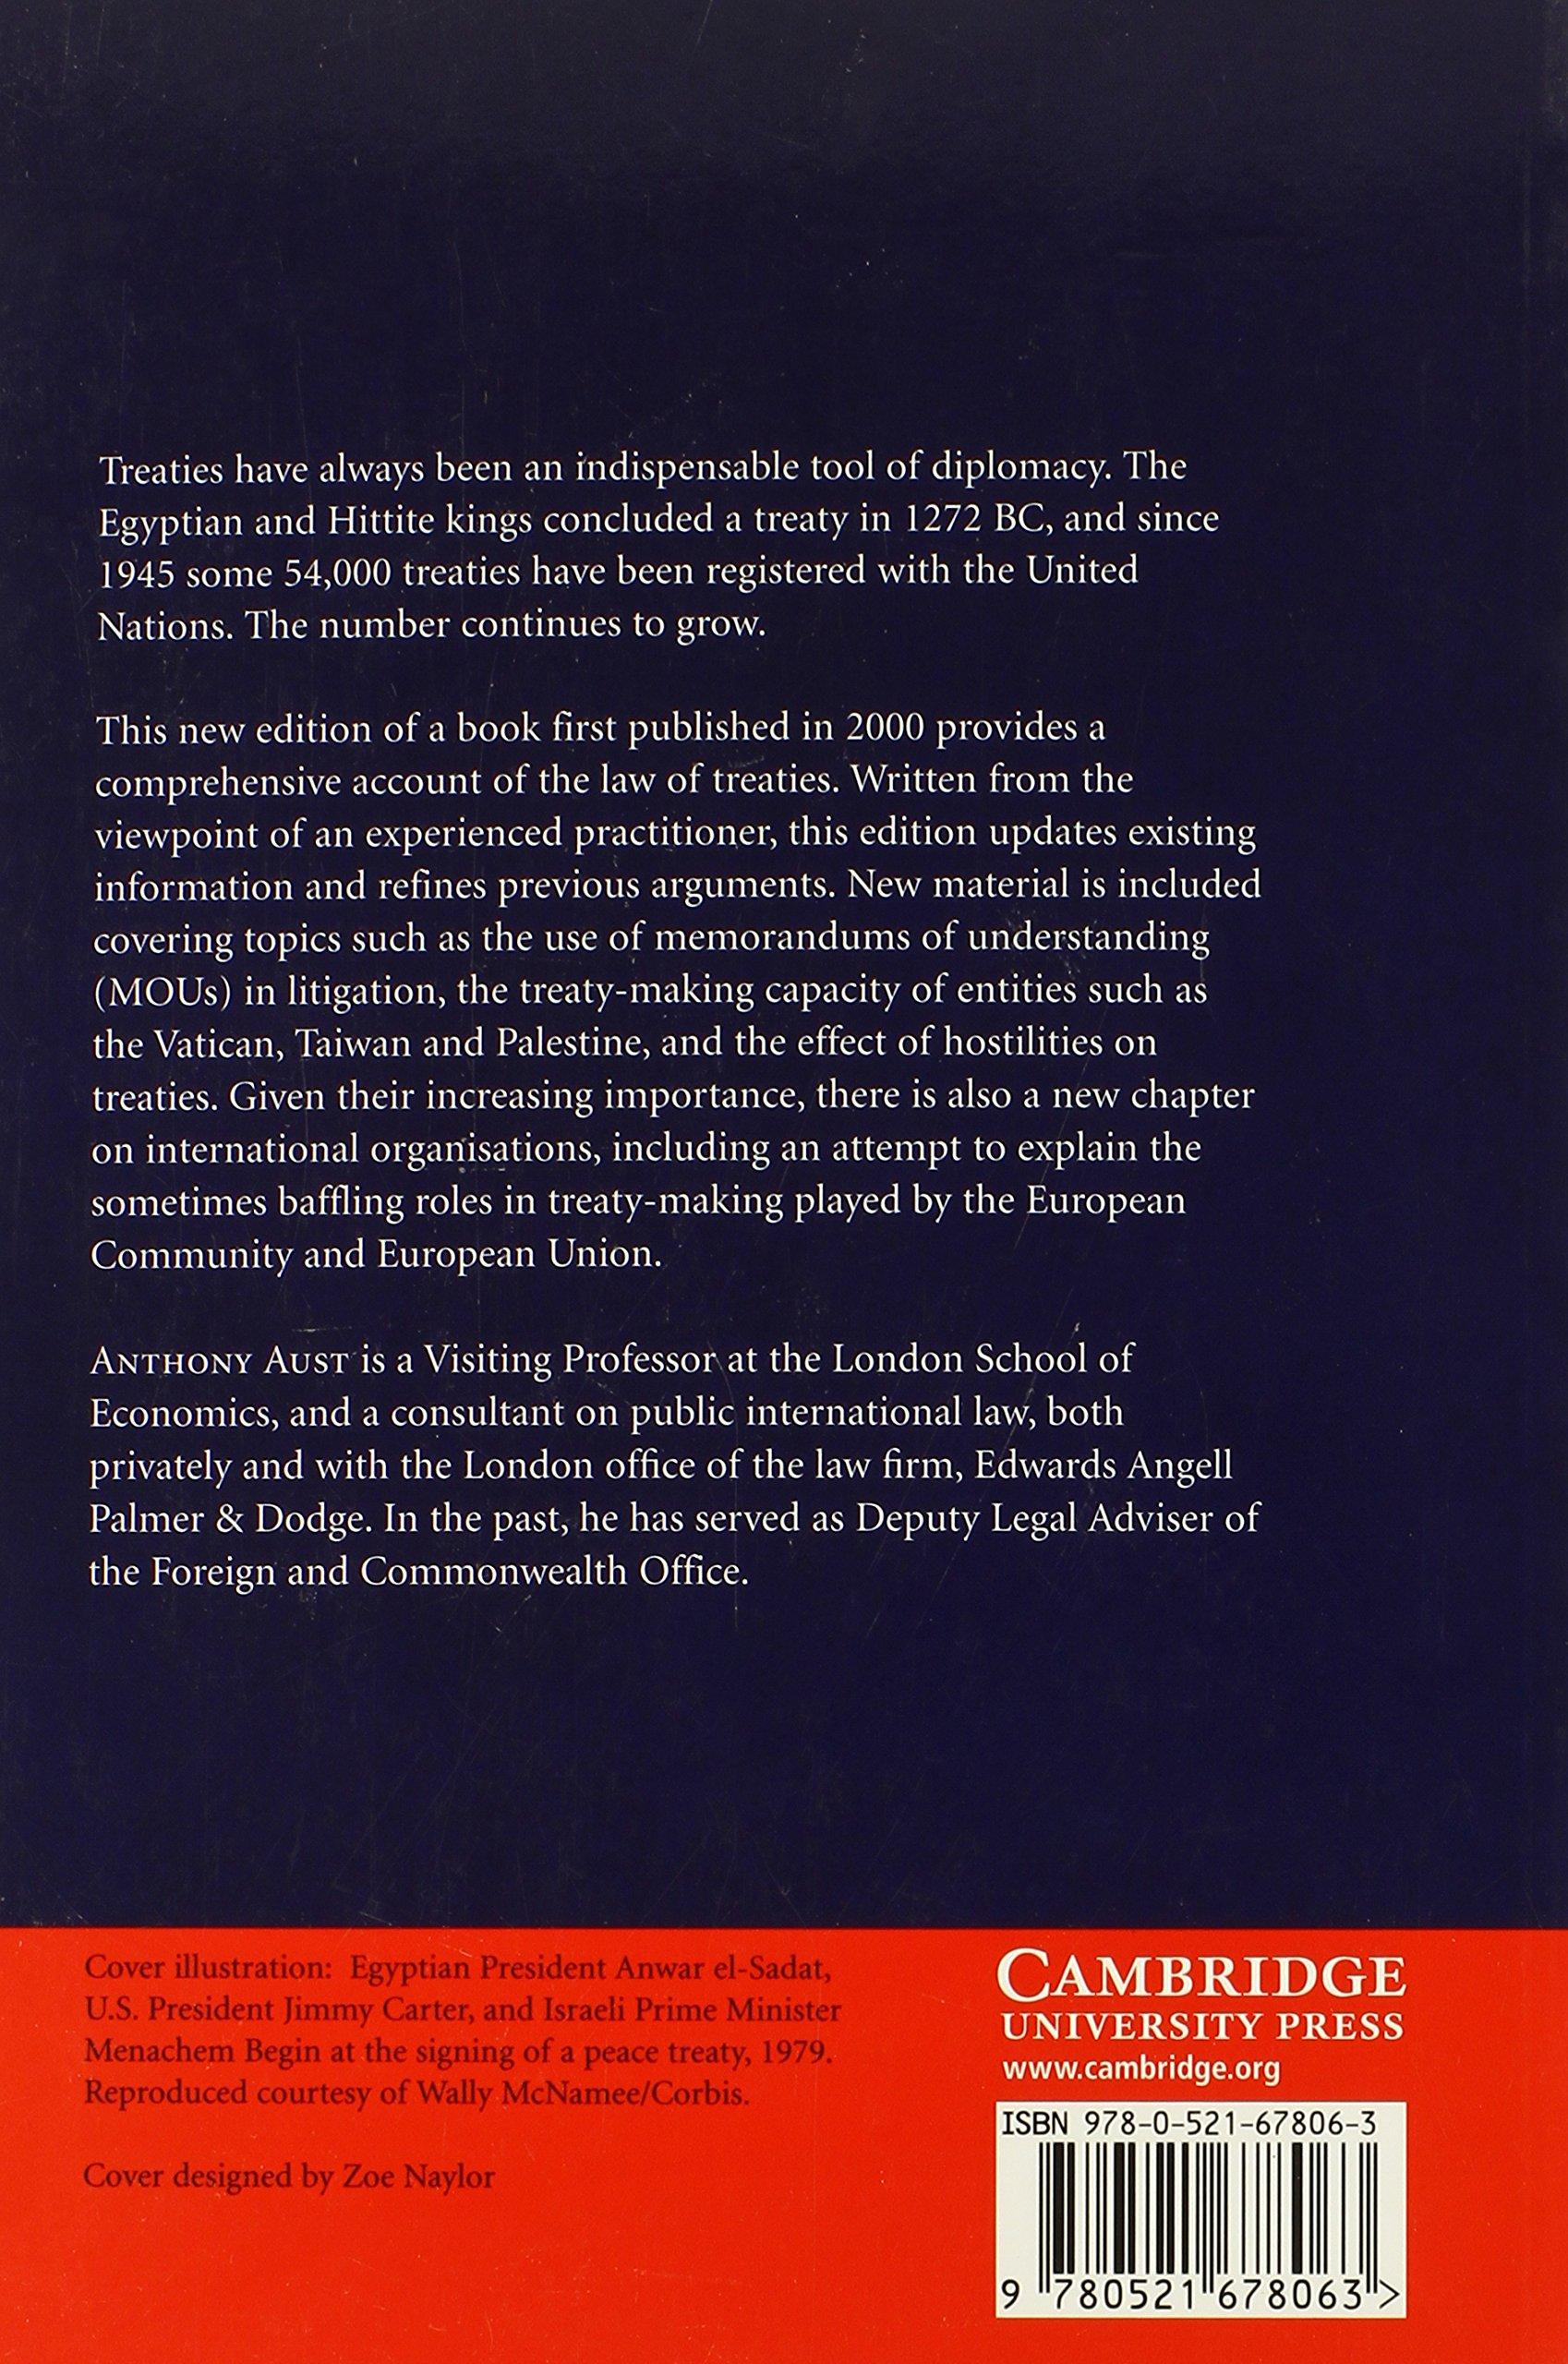 modern treaty law and practice amazon co uk anthony aust modern treaty law and practice amazon co uk anthony aust 9780521678063 books